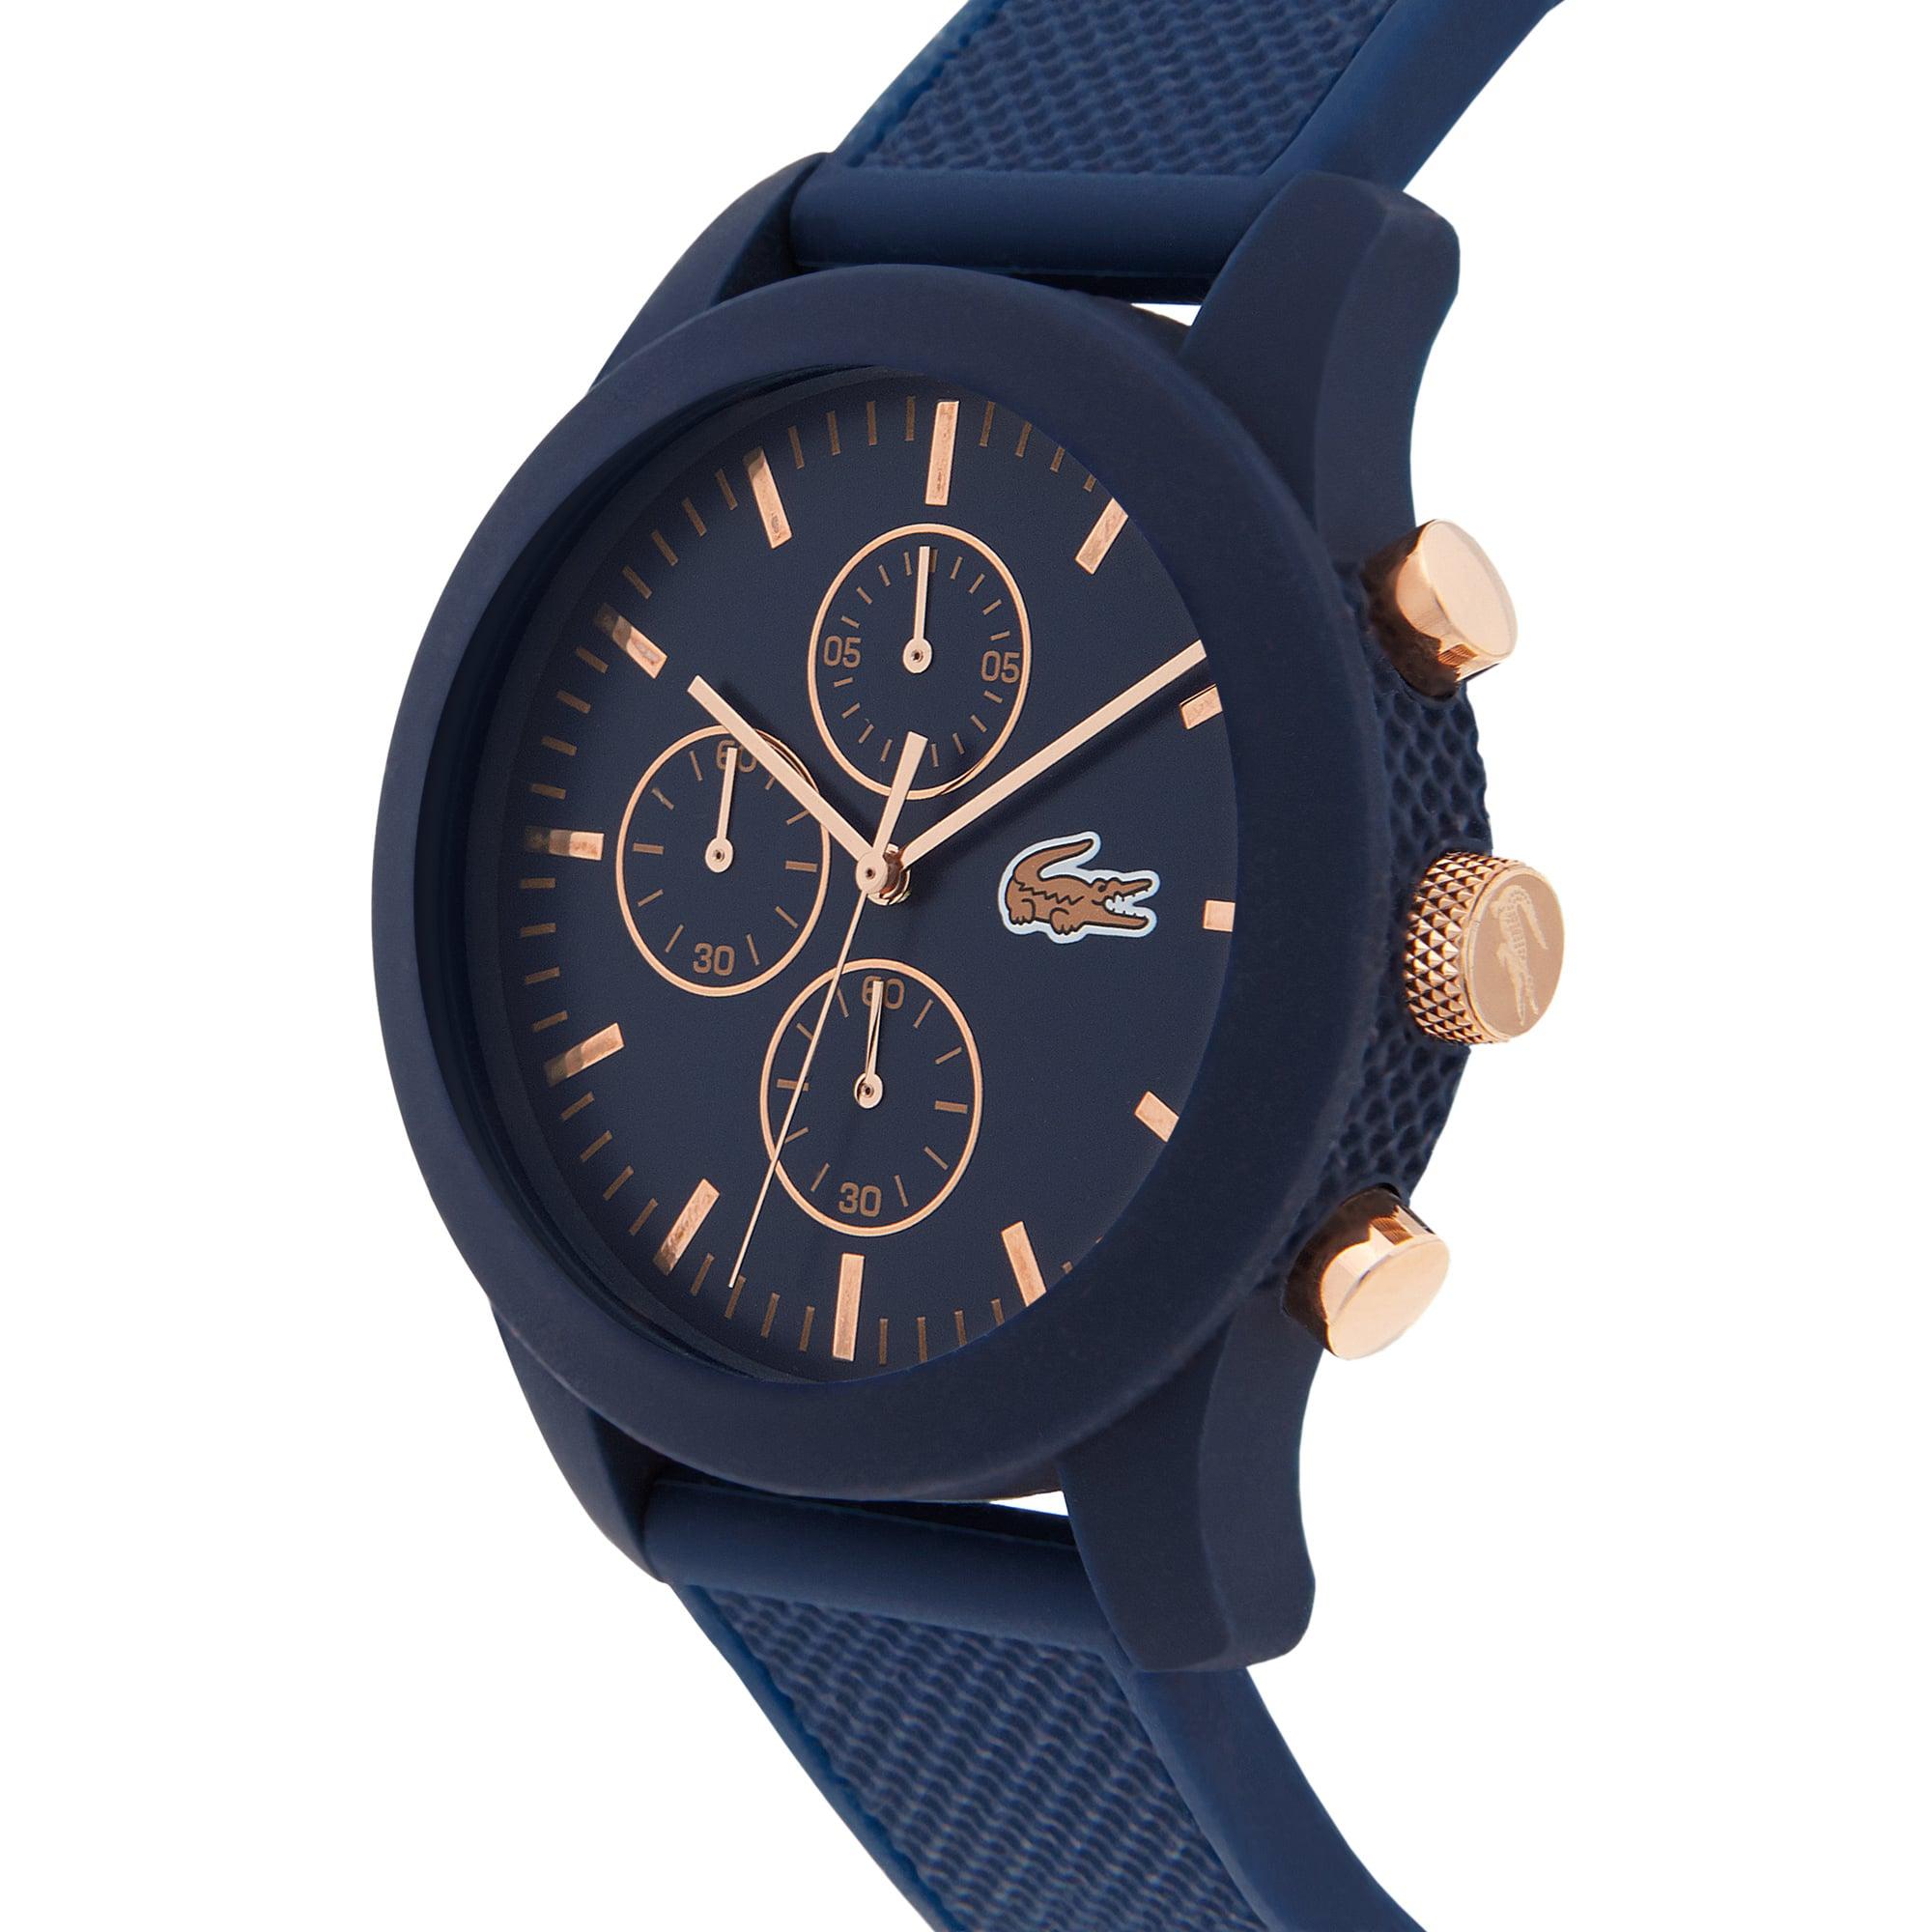 Relógio cronógrafo Lacoste 12.12 de homem com bracelete de silicone azul